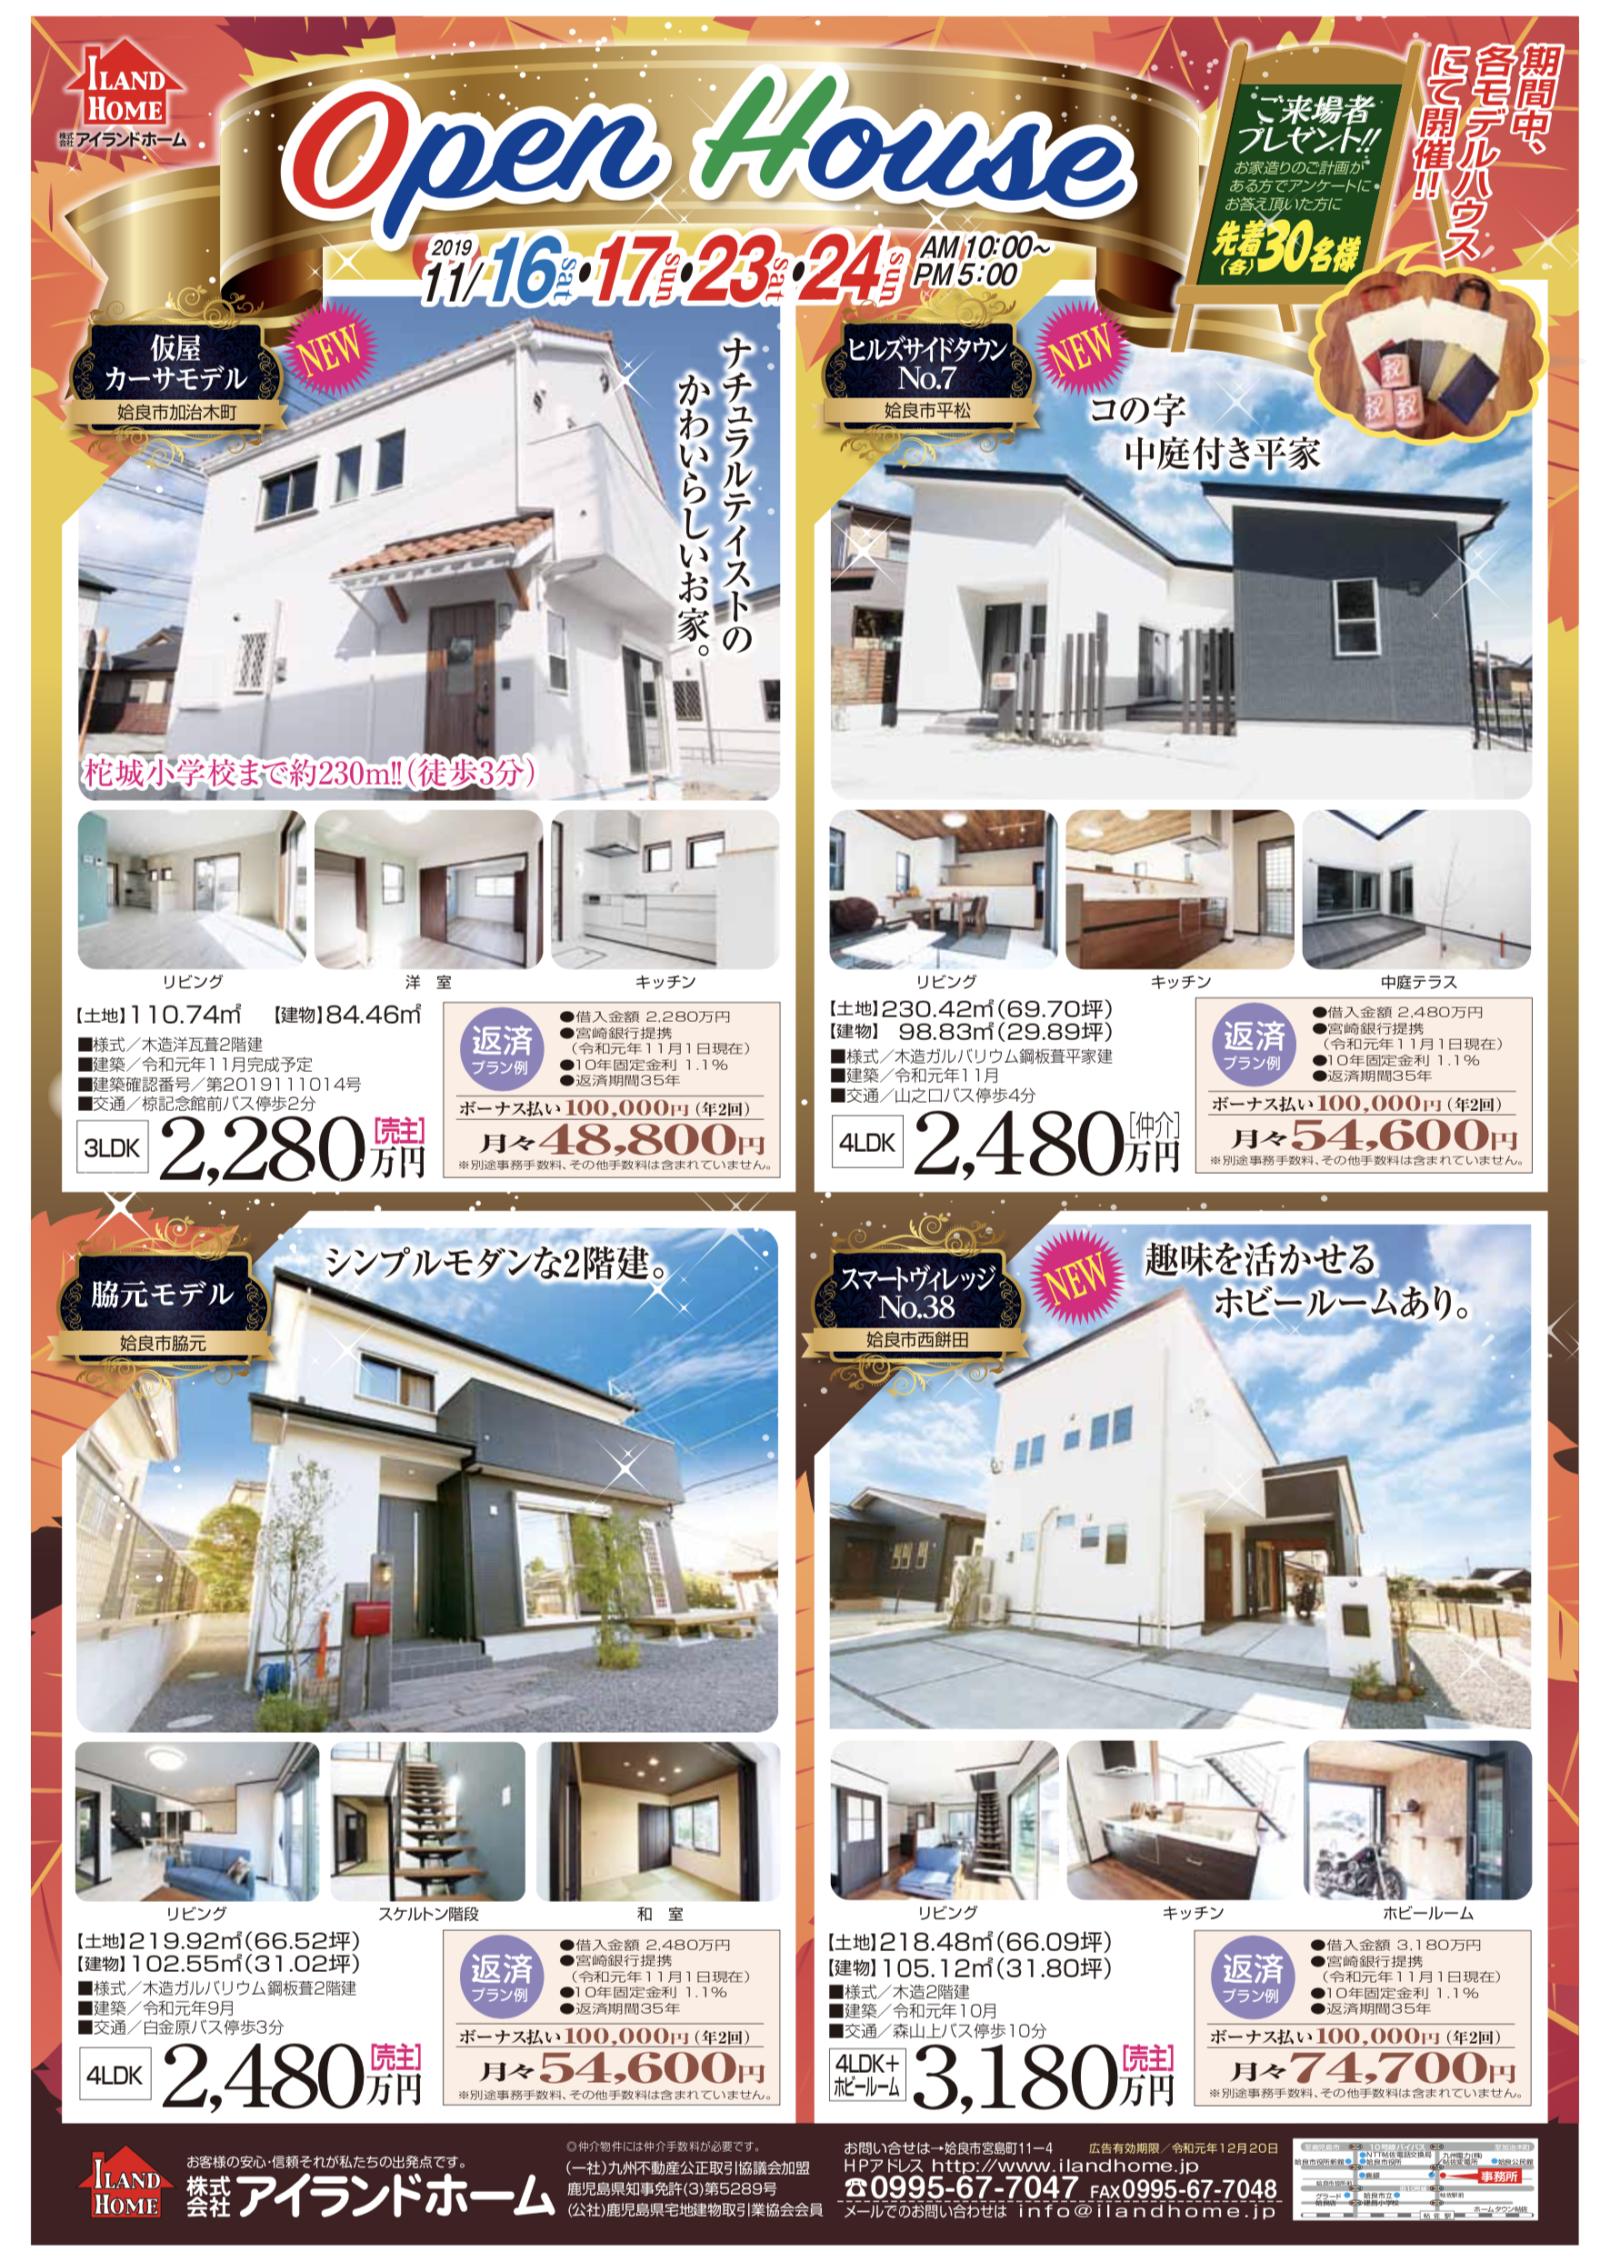 4棟同時オープンハウス 【姶良市】